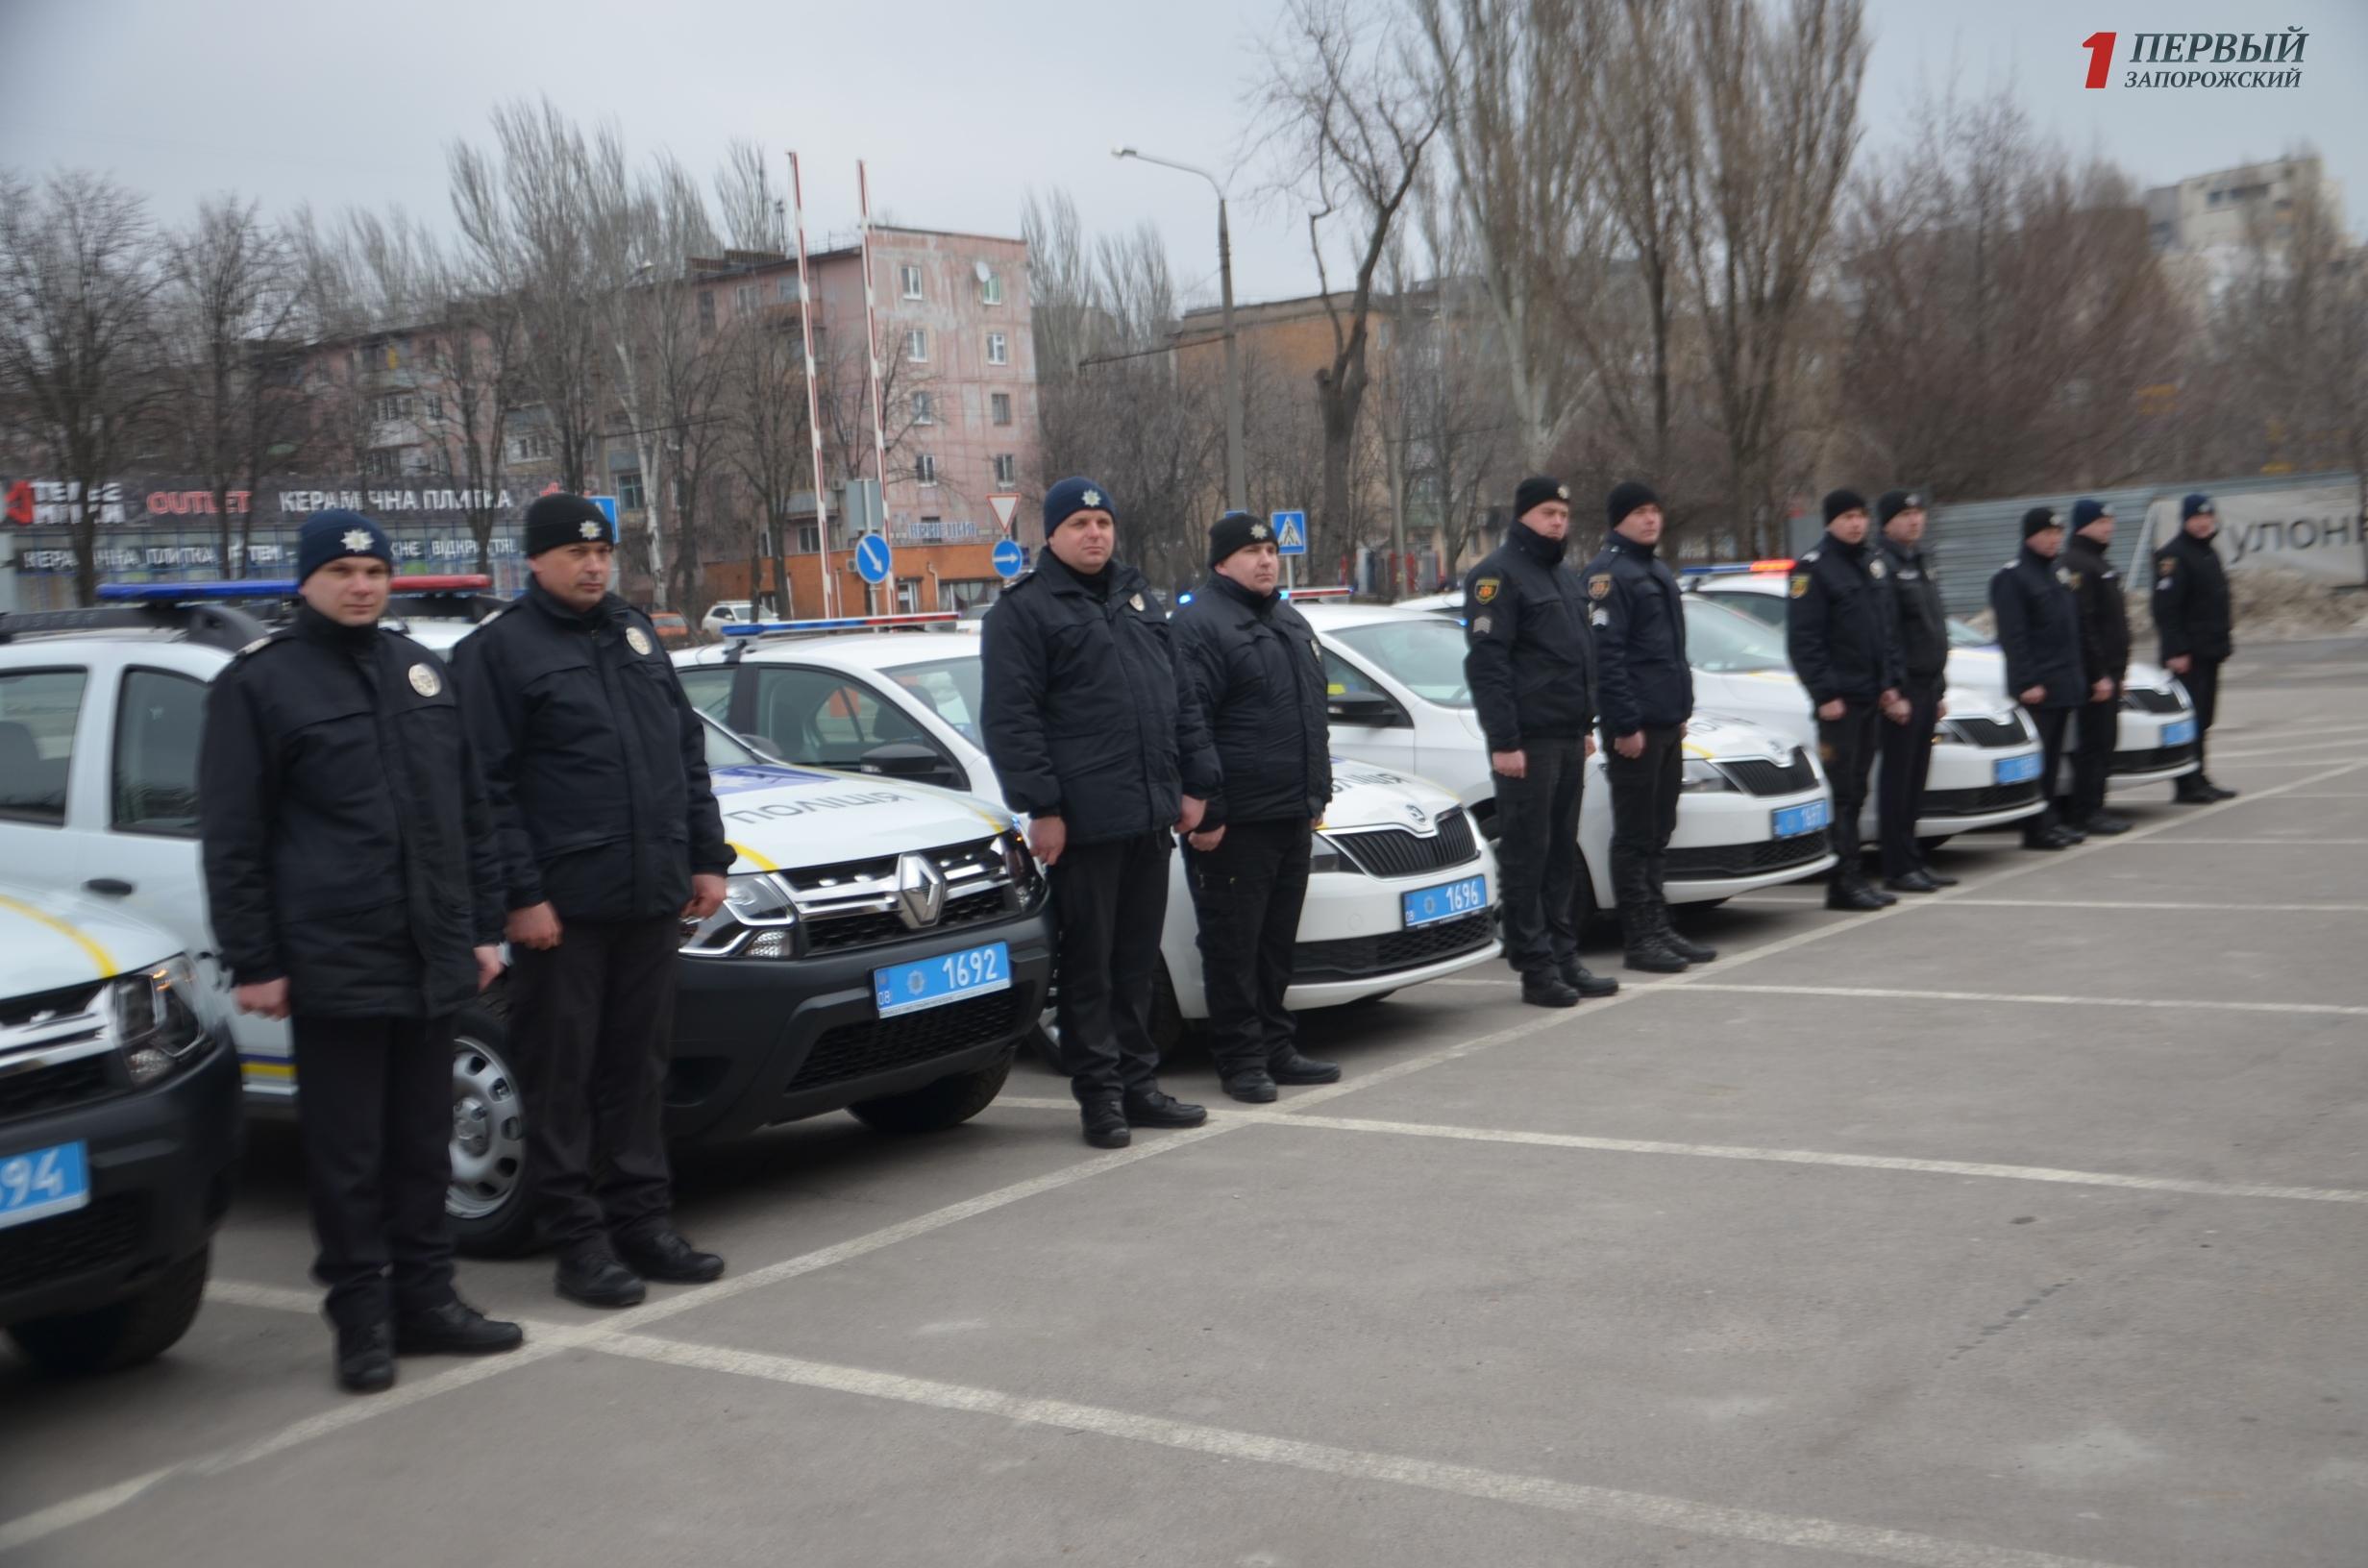 Полицейские из Запорожской области получили 17 новых автомобилей - ФОТО, ВИДЕО